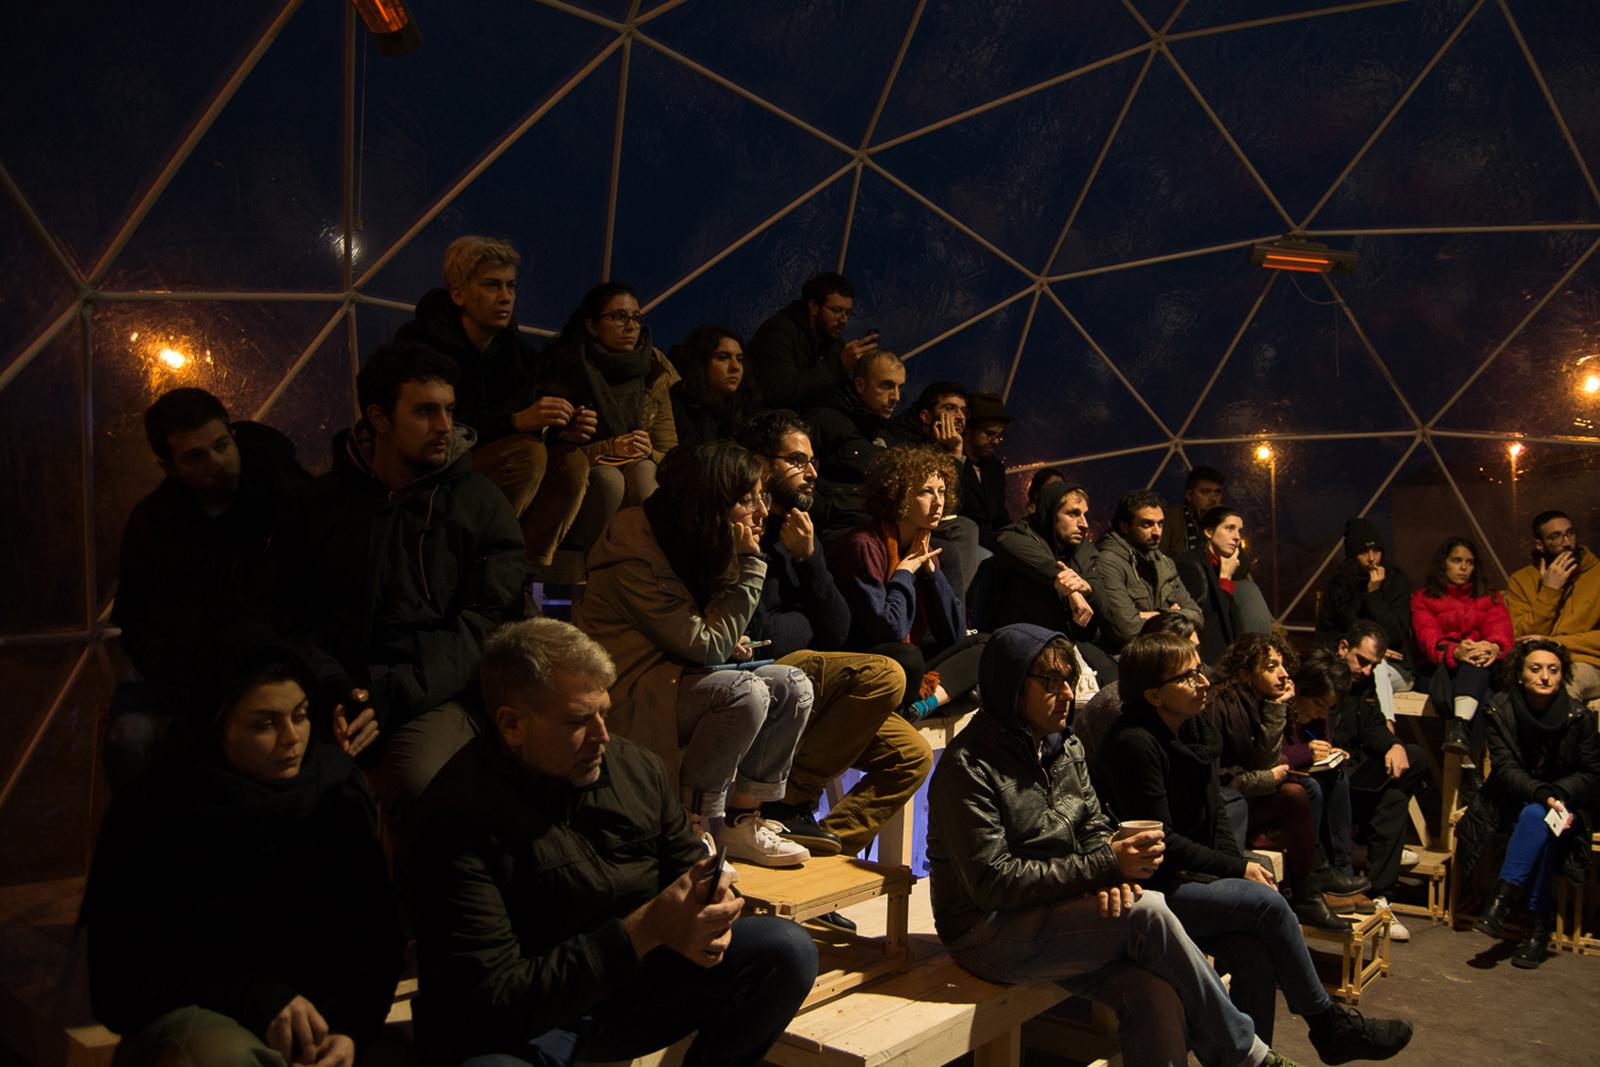 plenaria-notturna-inside